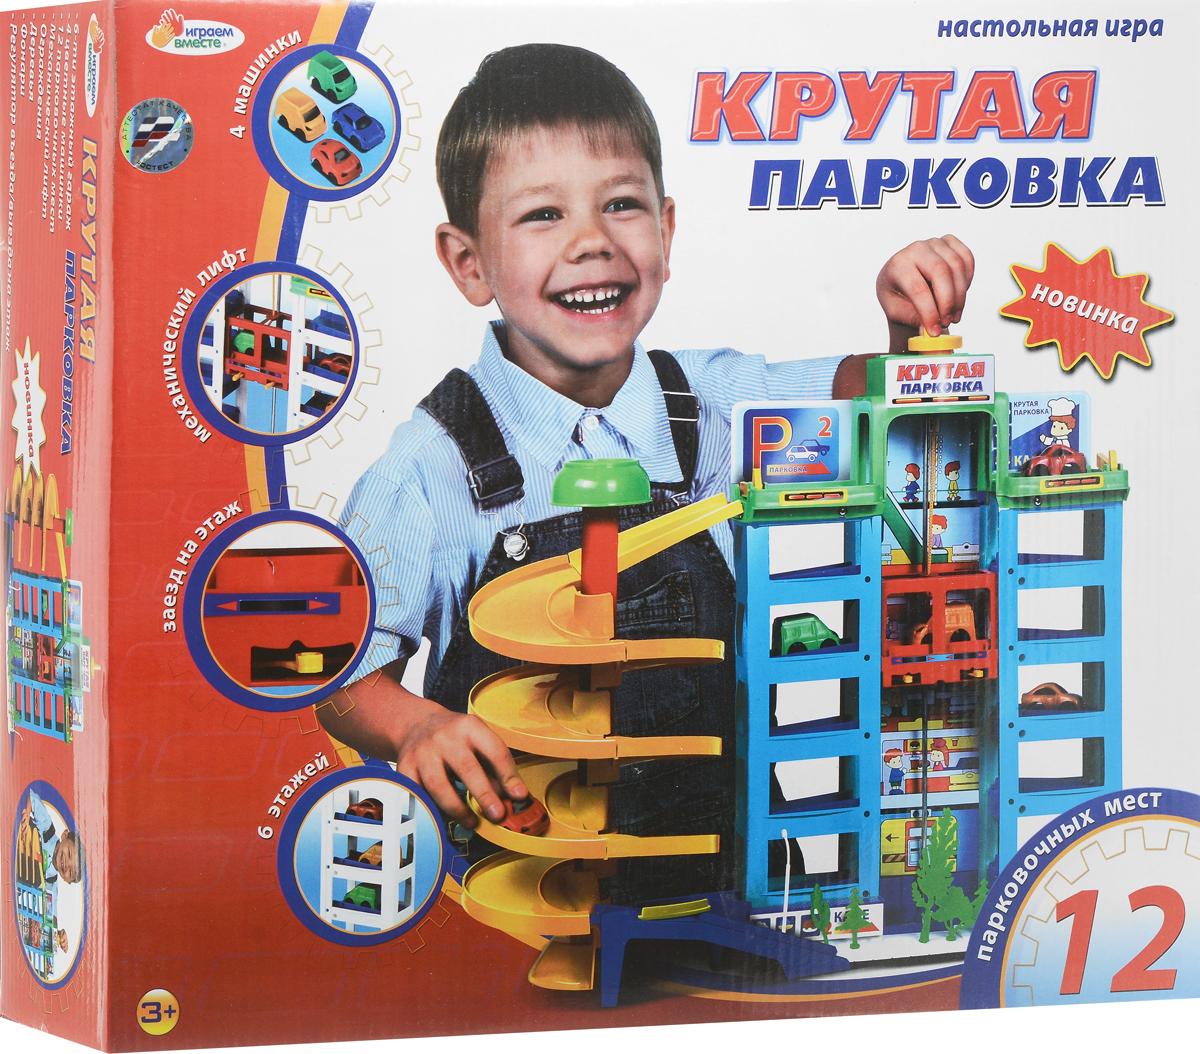 Играем вместе Крутая парковкаB57301-RТеперь небольшие машинки вашего ребенка могут поселиться в собственном гараже! В этой габаритной шестиэтажной парковке имеется 12 парковочных мест, а также механический лифт и винтовой спуск, удобный заезд на этаж и четыре разноцветные машинки. Сделать парковку более яркой и нарядной помогут наклейки, входящие в набор. Набор изготовлен из нетоксичного и безопасного для детей высококачественного пластика. Вместе с друзьями ребенок будет поднимать машинки на механическом лифте и ставить их на определенное парковочное место. Передвигая игрушечные автомобили по территории гаража, кроха улучшит моторику рук и научится координировать свои движения.